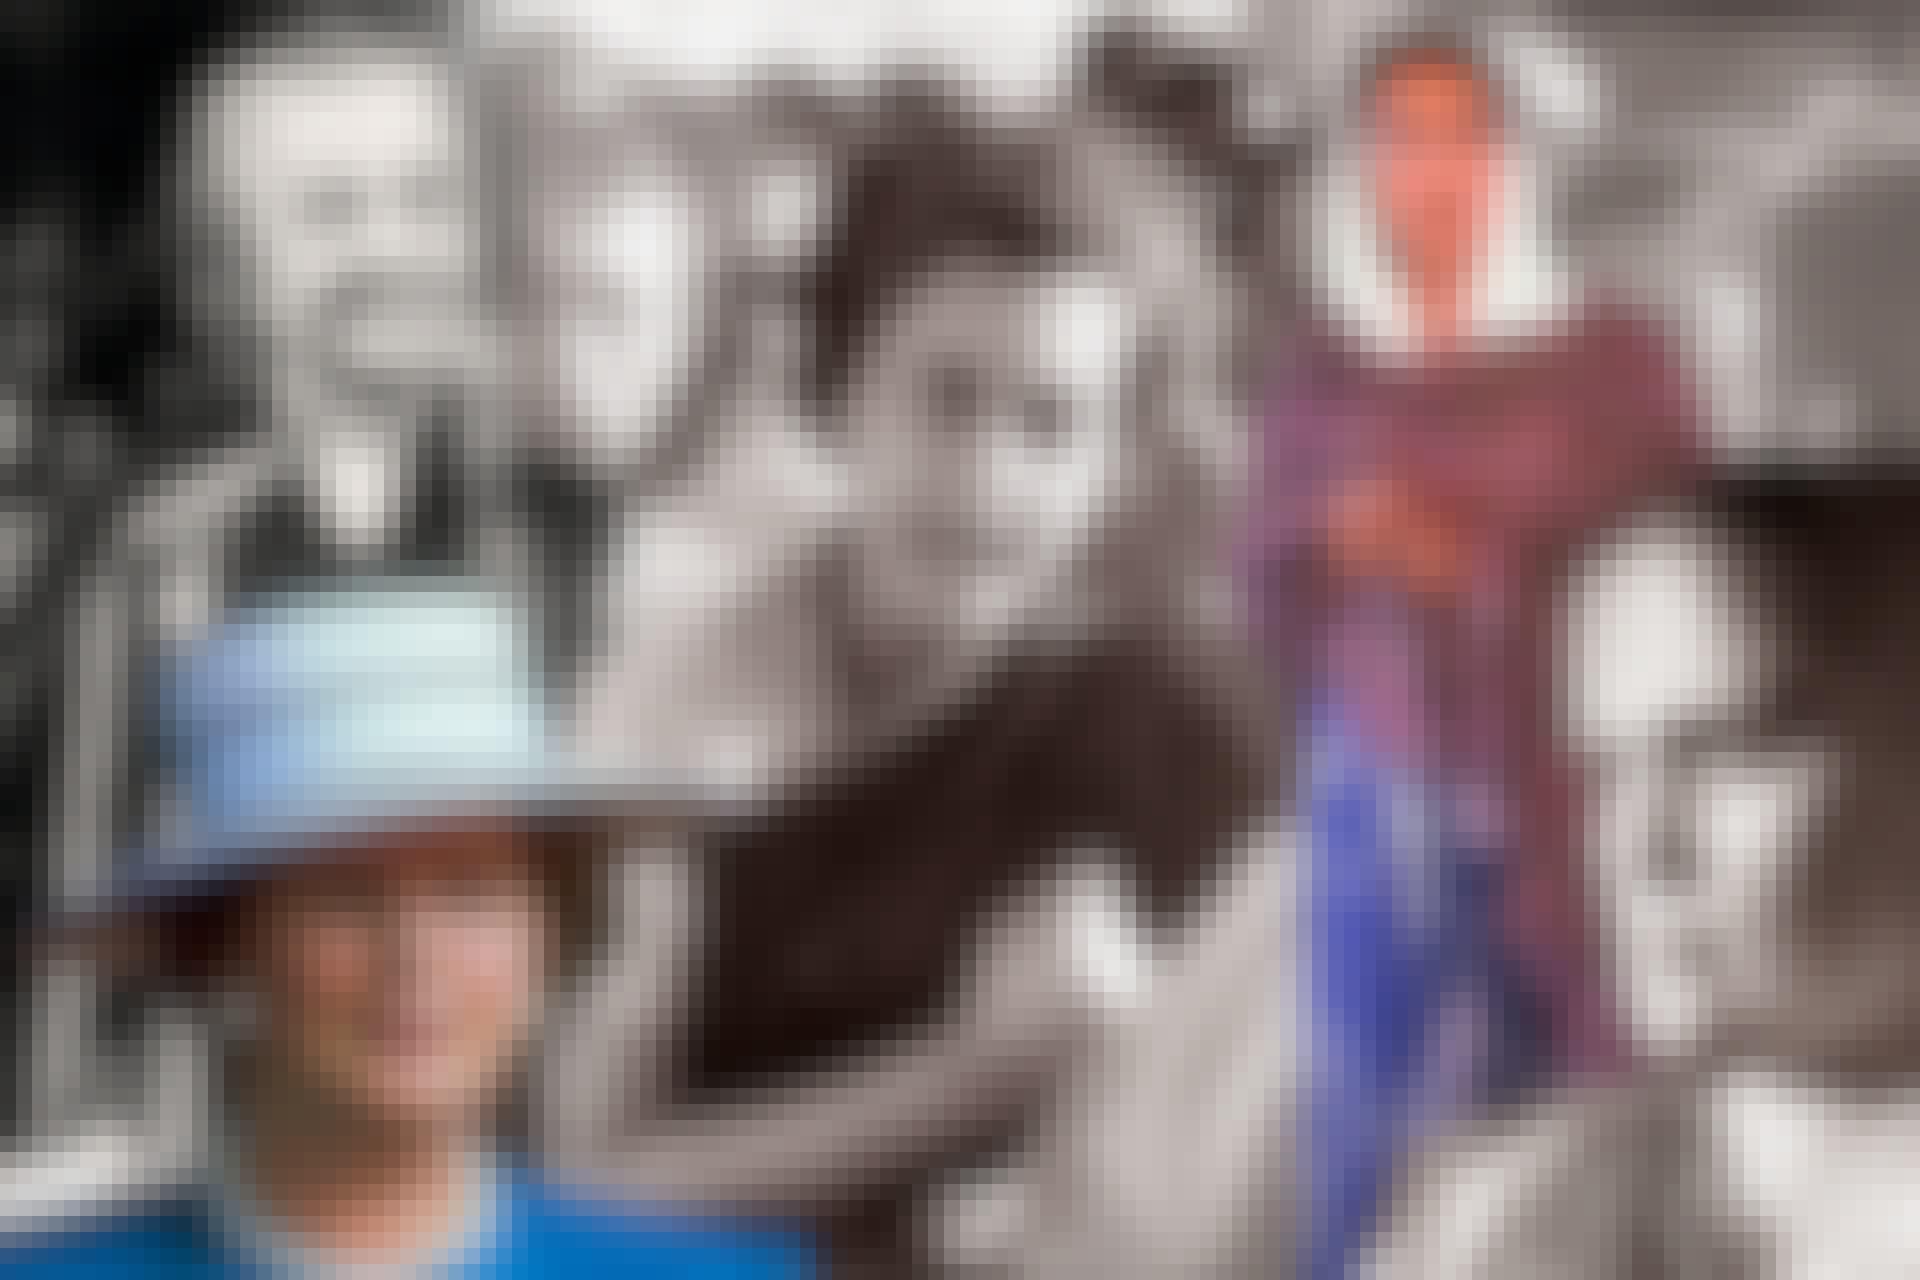 Collage med Golda Meir, Margaret Thatcher, Indira Gandhi, Benazir Bhutto och Sirimavo Bandaranaike, alla kvinnor som varit regeringschefer.